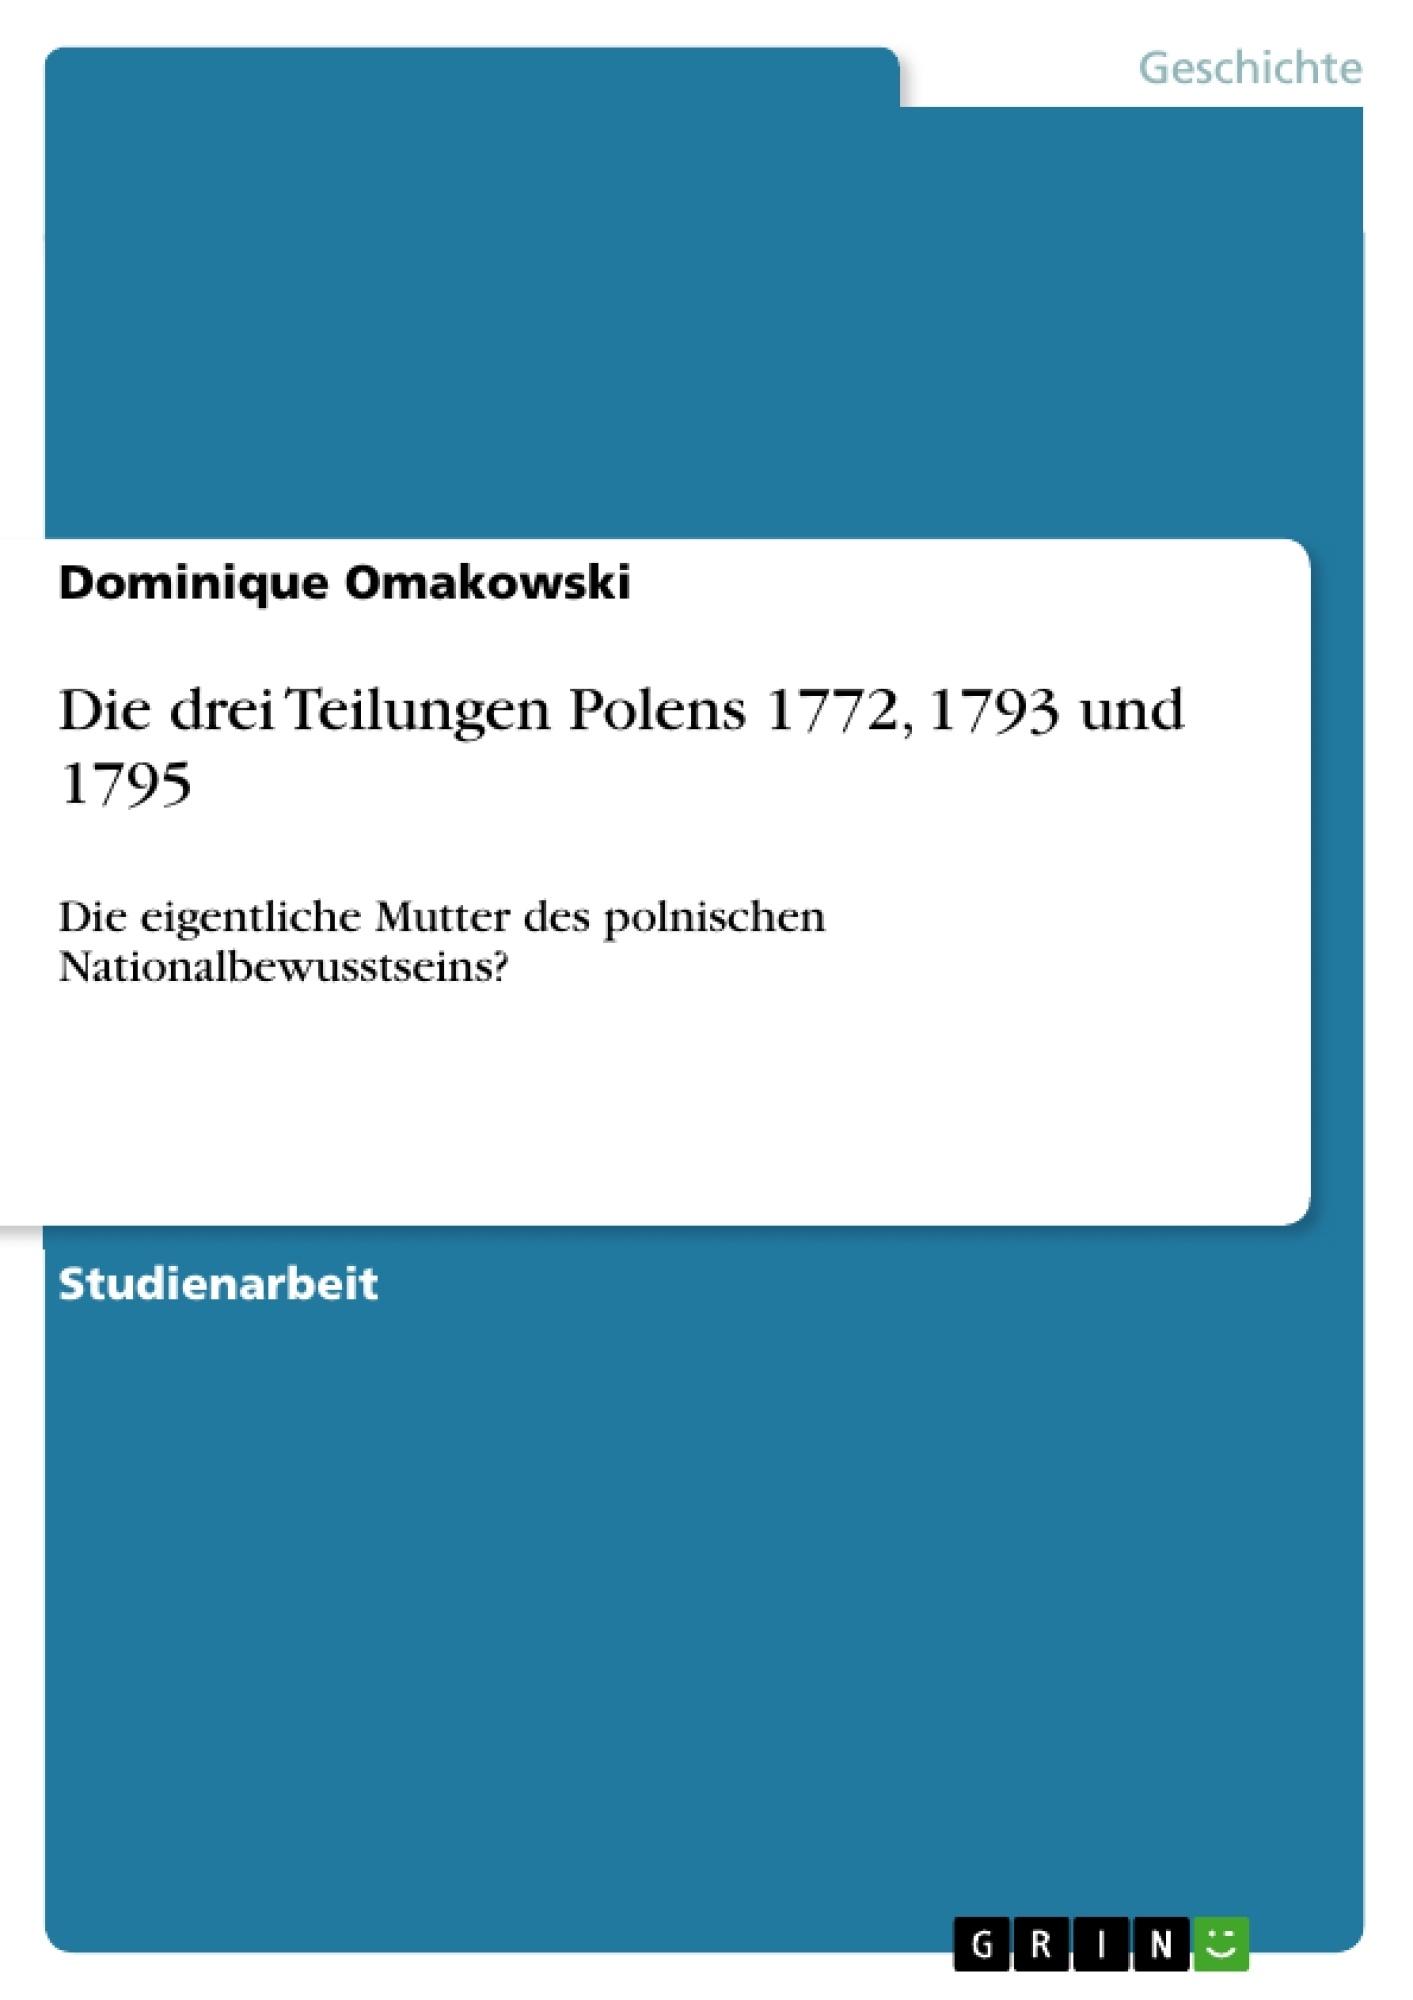 Titel: Die drei Teilungen Polens 1772, 1793 und 1795